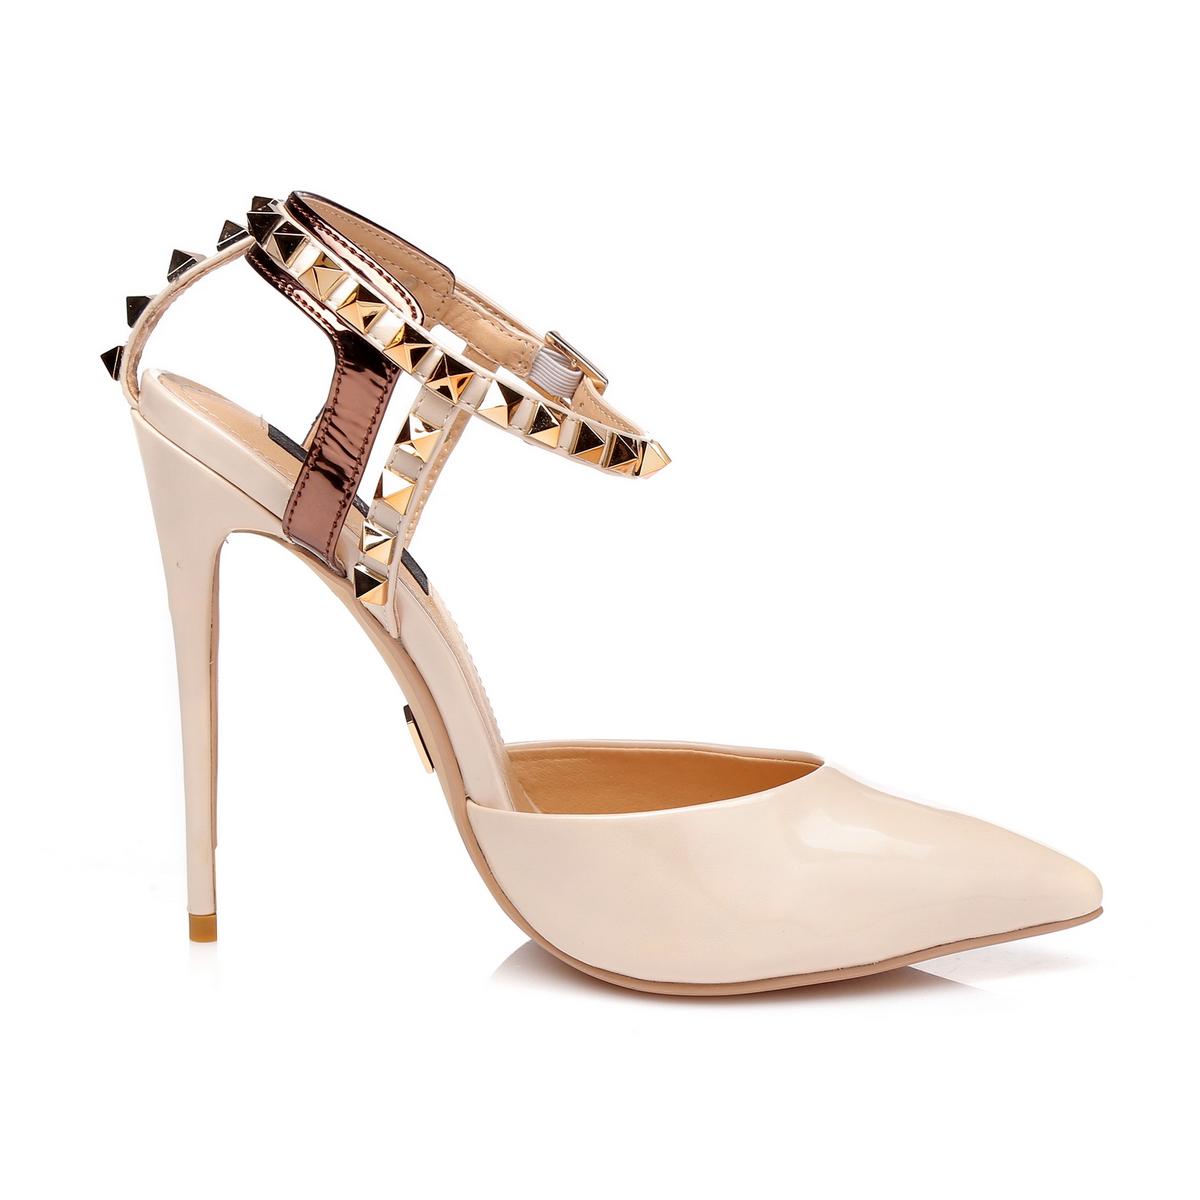 Giaro Sandaletten in Übergrößen Beige Kenny Beige/Gold große Damenschuhe – Bild 4